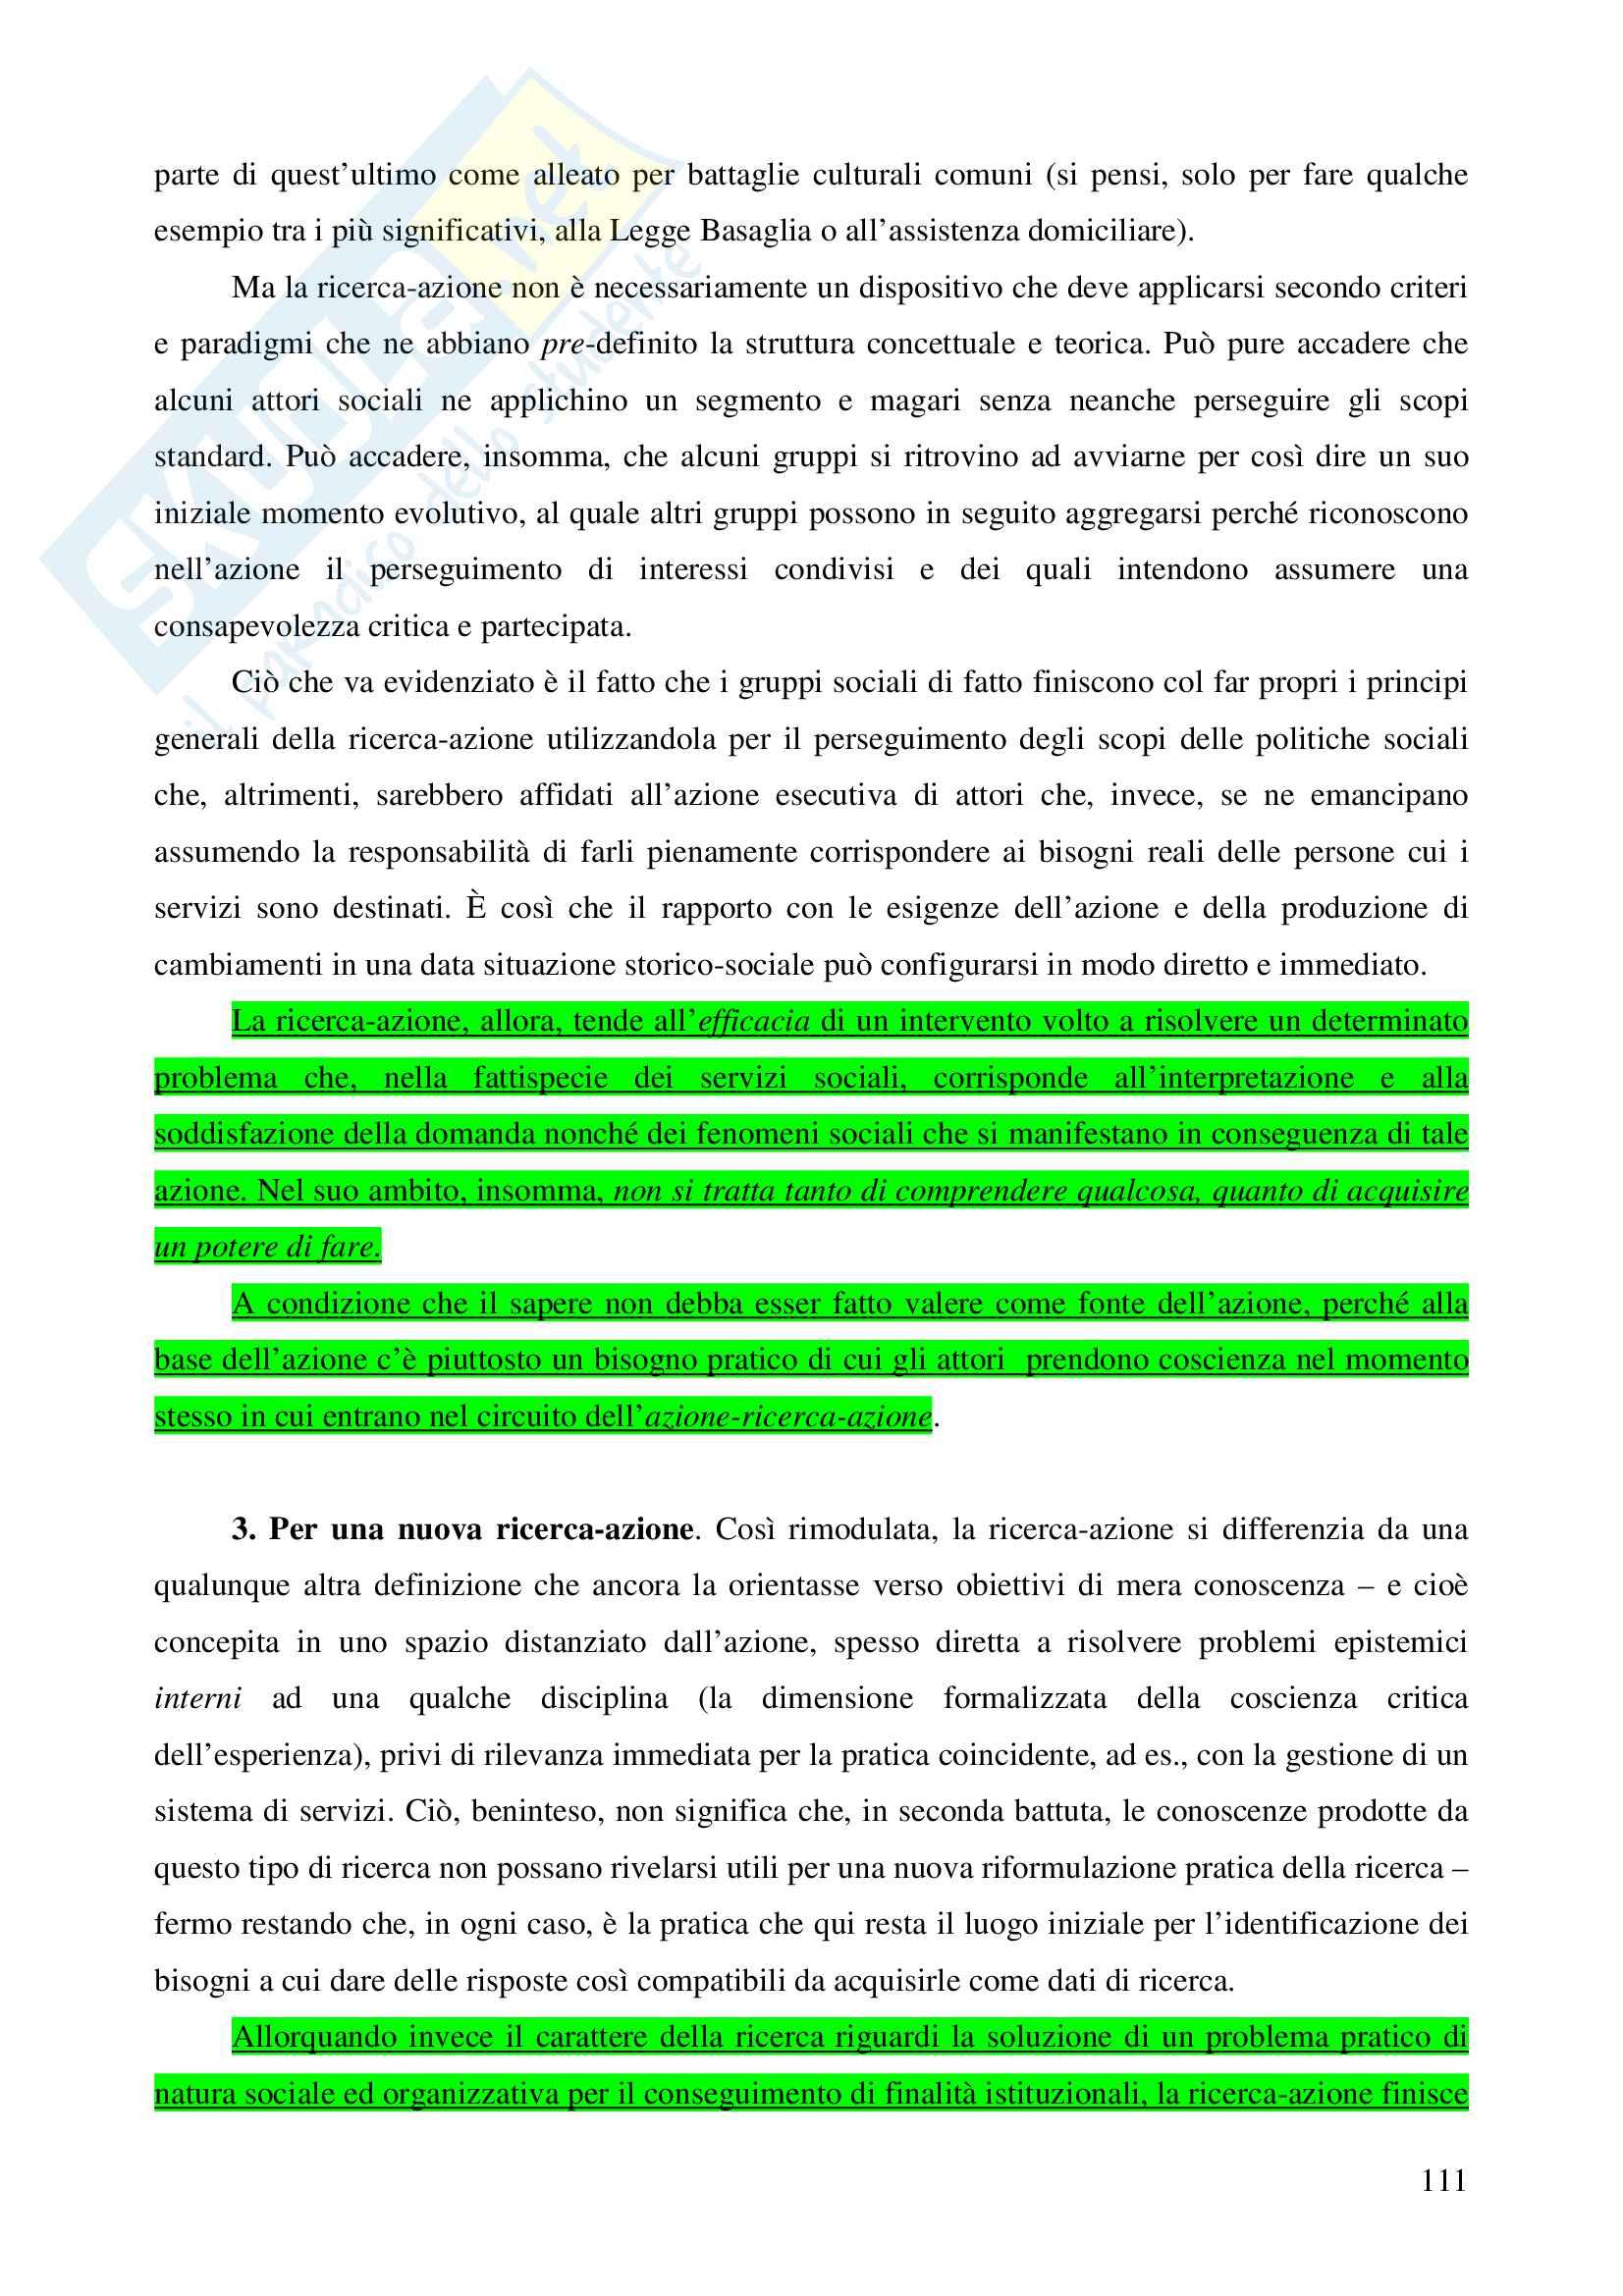 """Riassunto esame  Principi, fondamenti e organizzazione del servizio sociale, prof. Marsella, libro consigliato  """"L'episteme Sociale per gestire la governance"""" Pag. 111"""